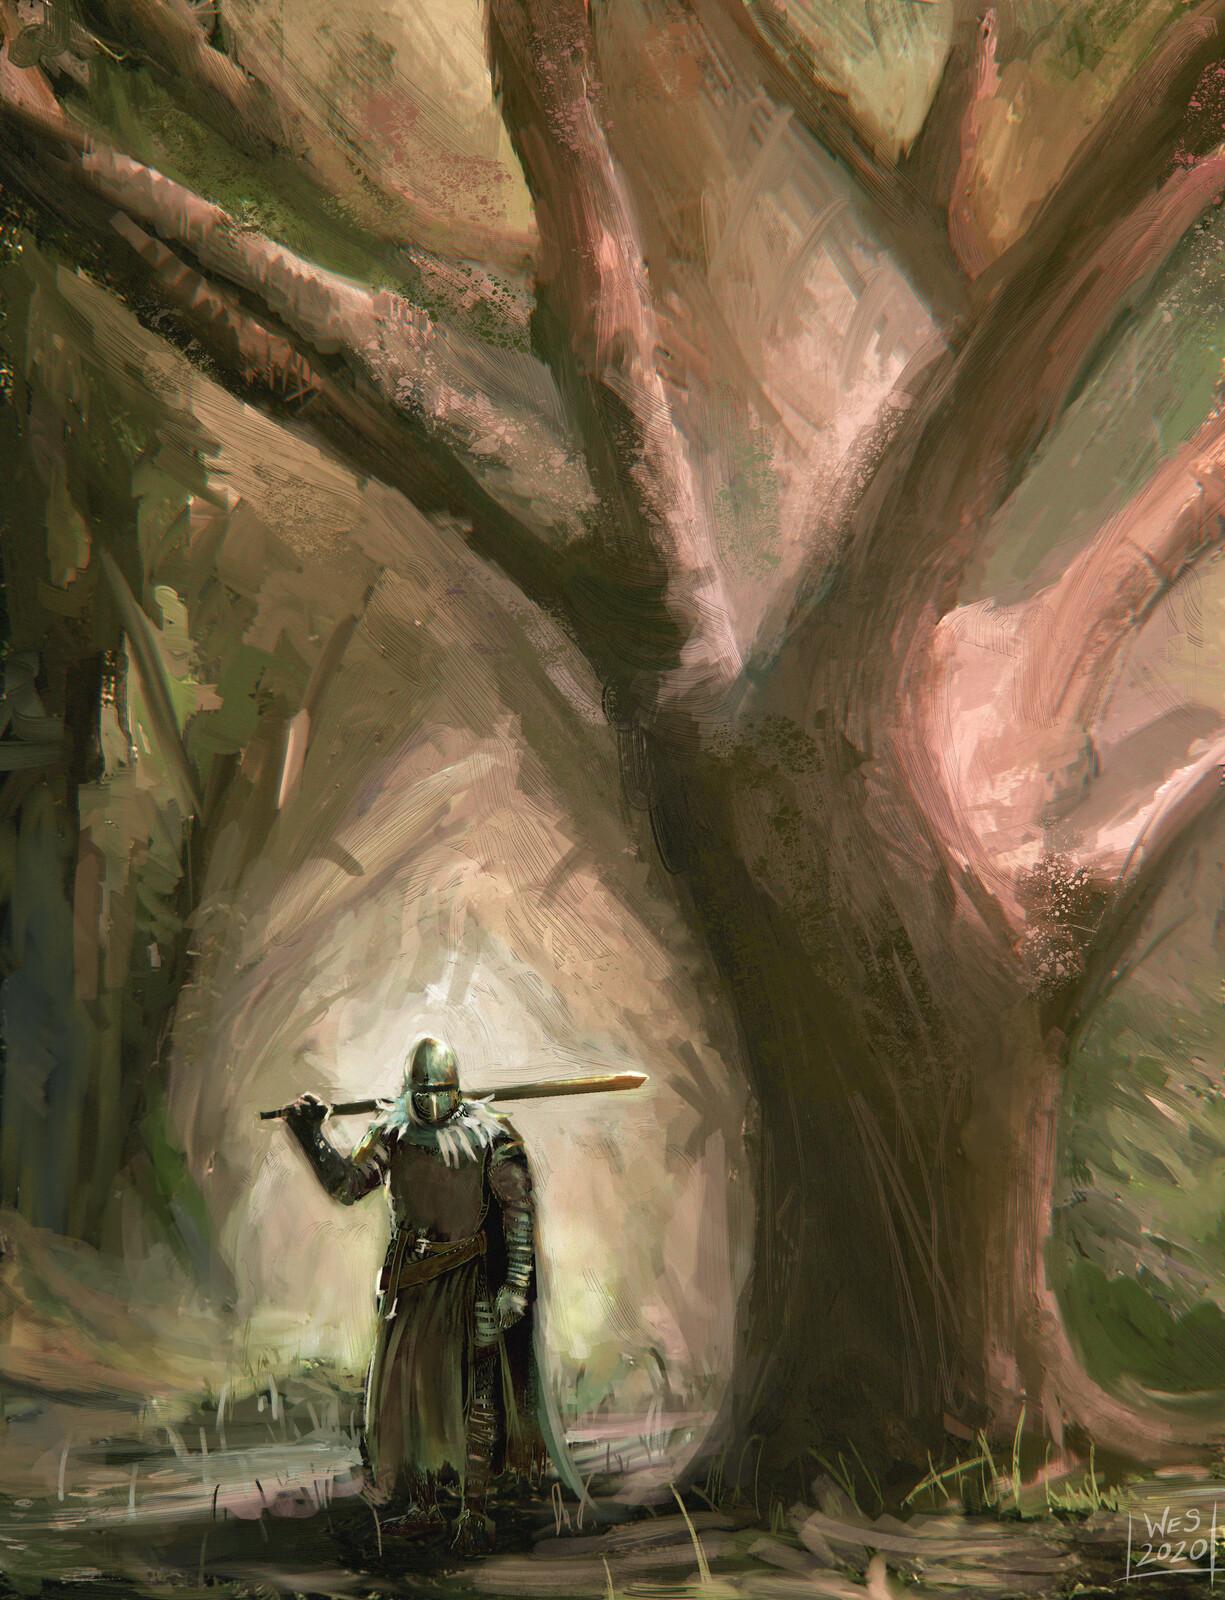 Dark Souls II Fan Art - Forest Of Fallen Giants